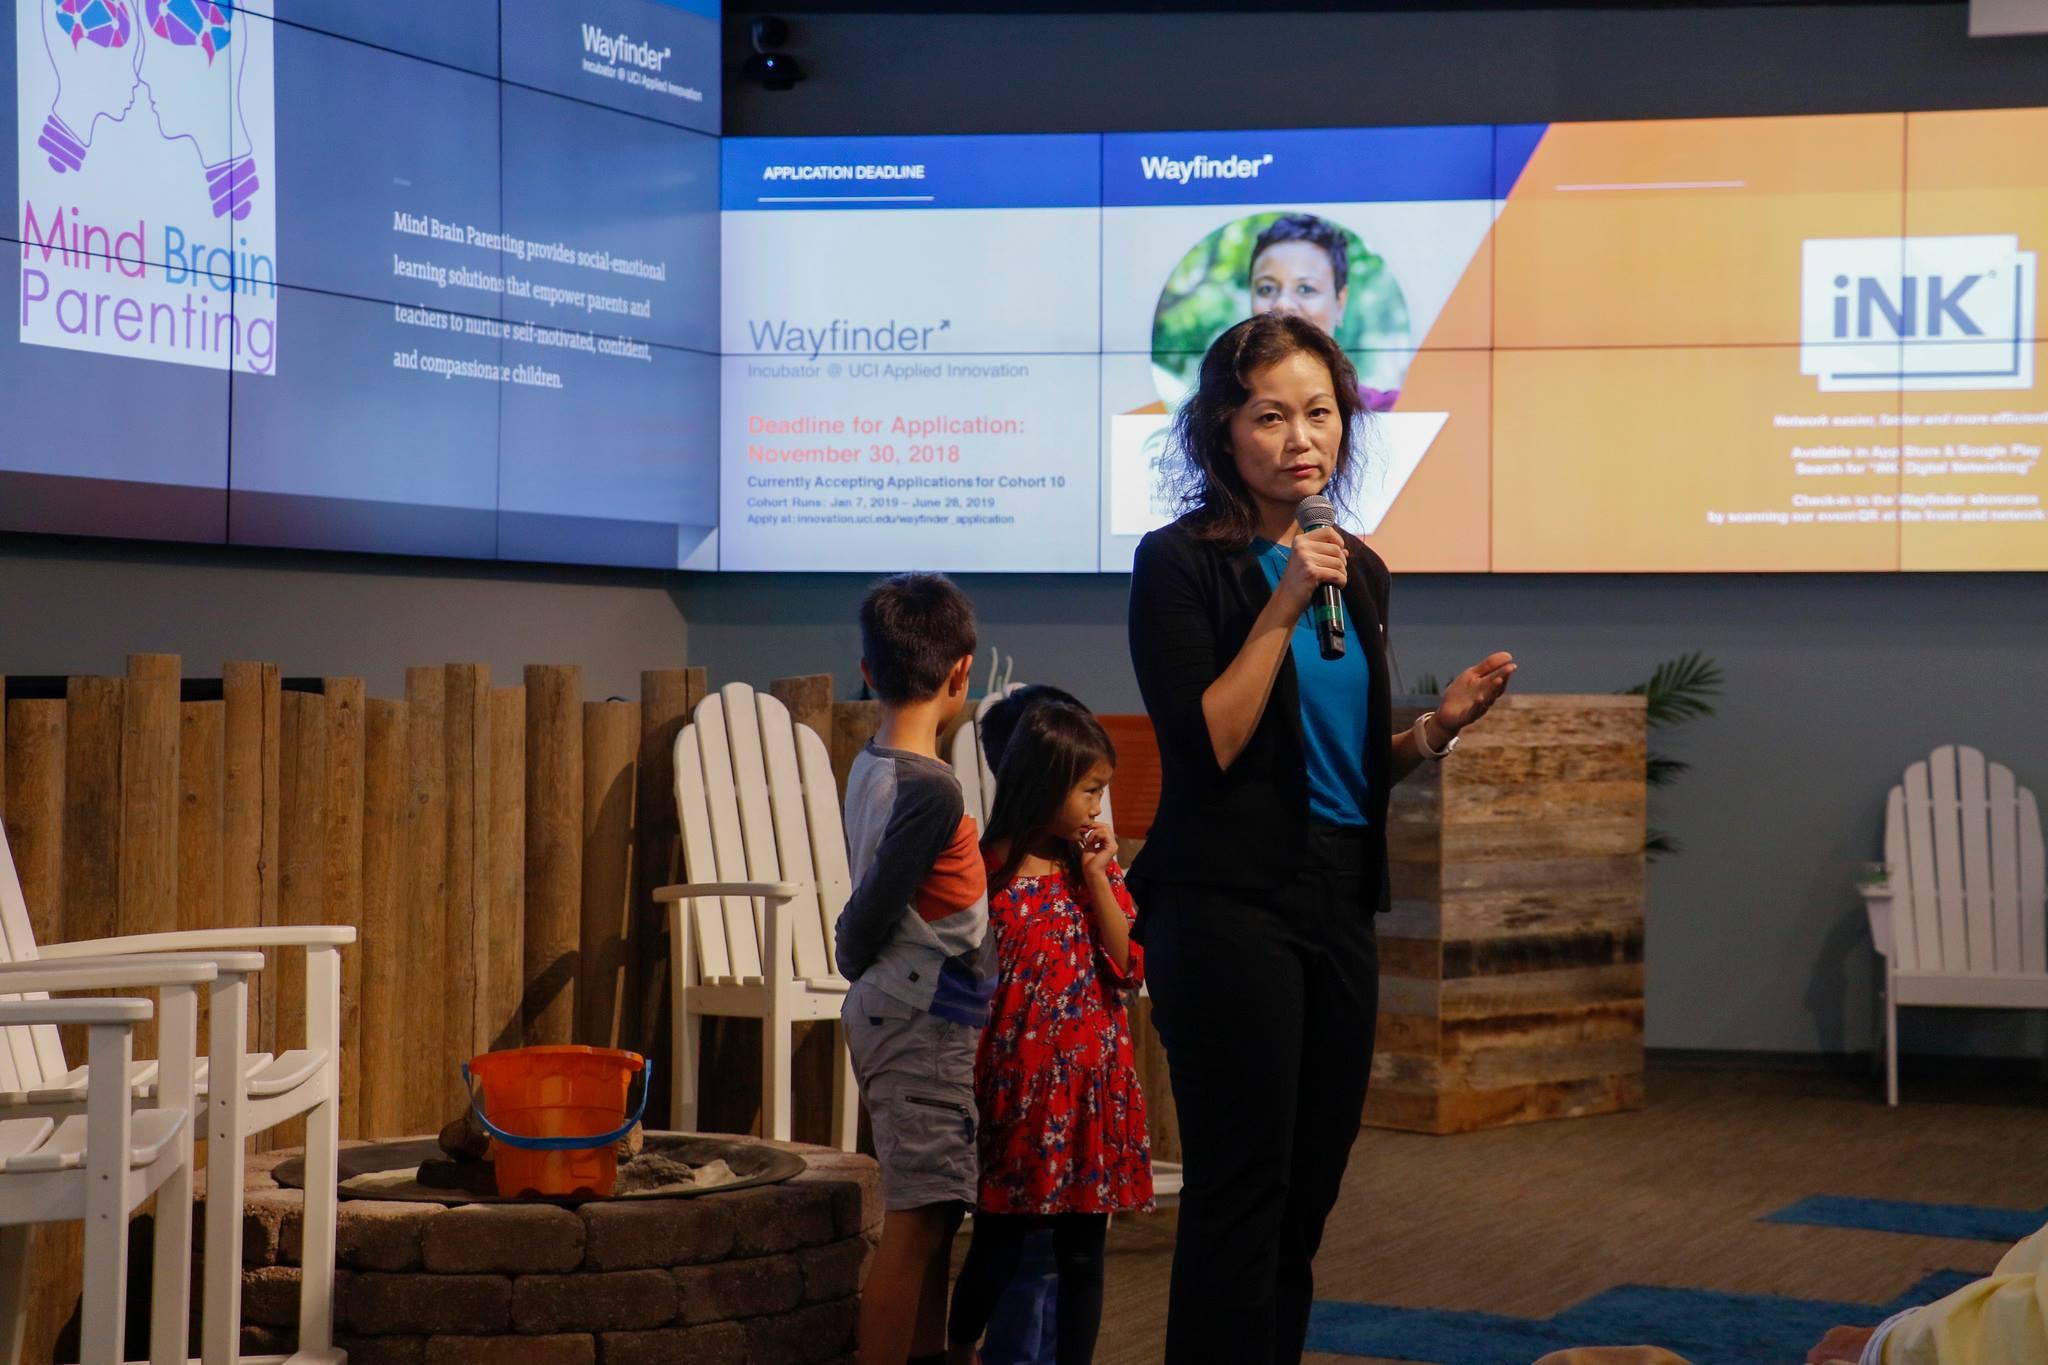 Talk on social entrepreneurship at innovation lab